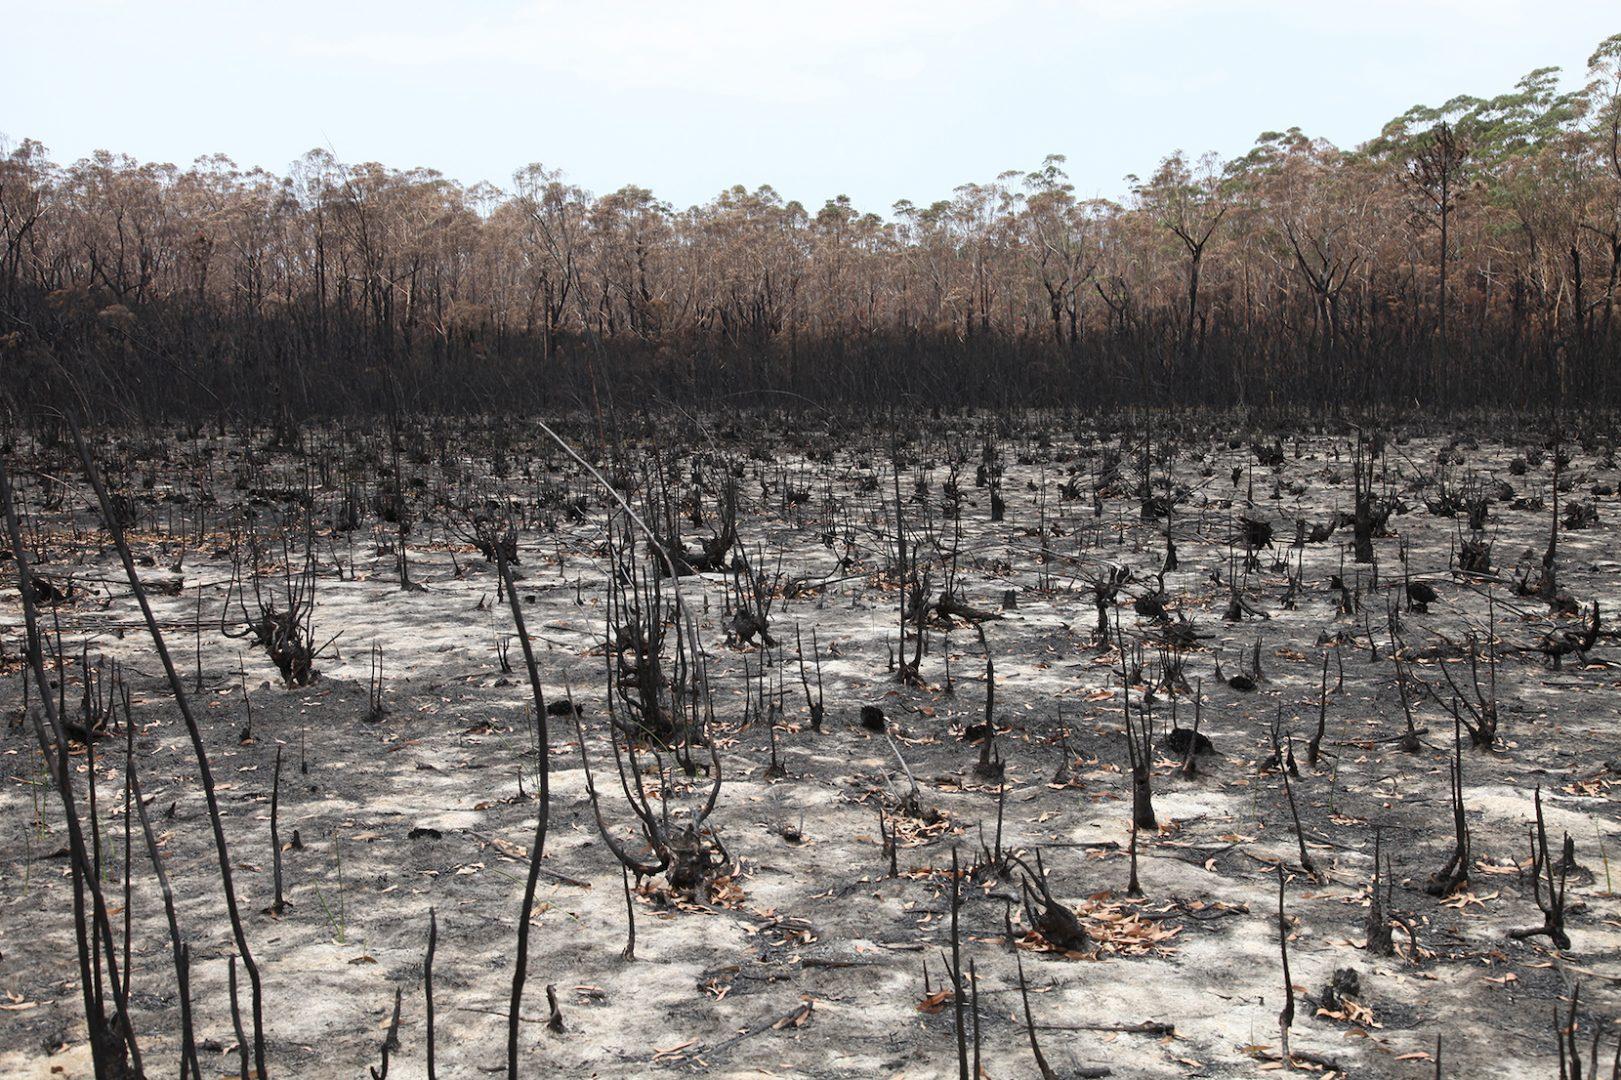 Estaurine Swamp with burnt forest in background, photo credit: Hayden Fowler